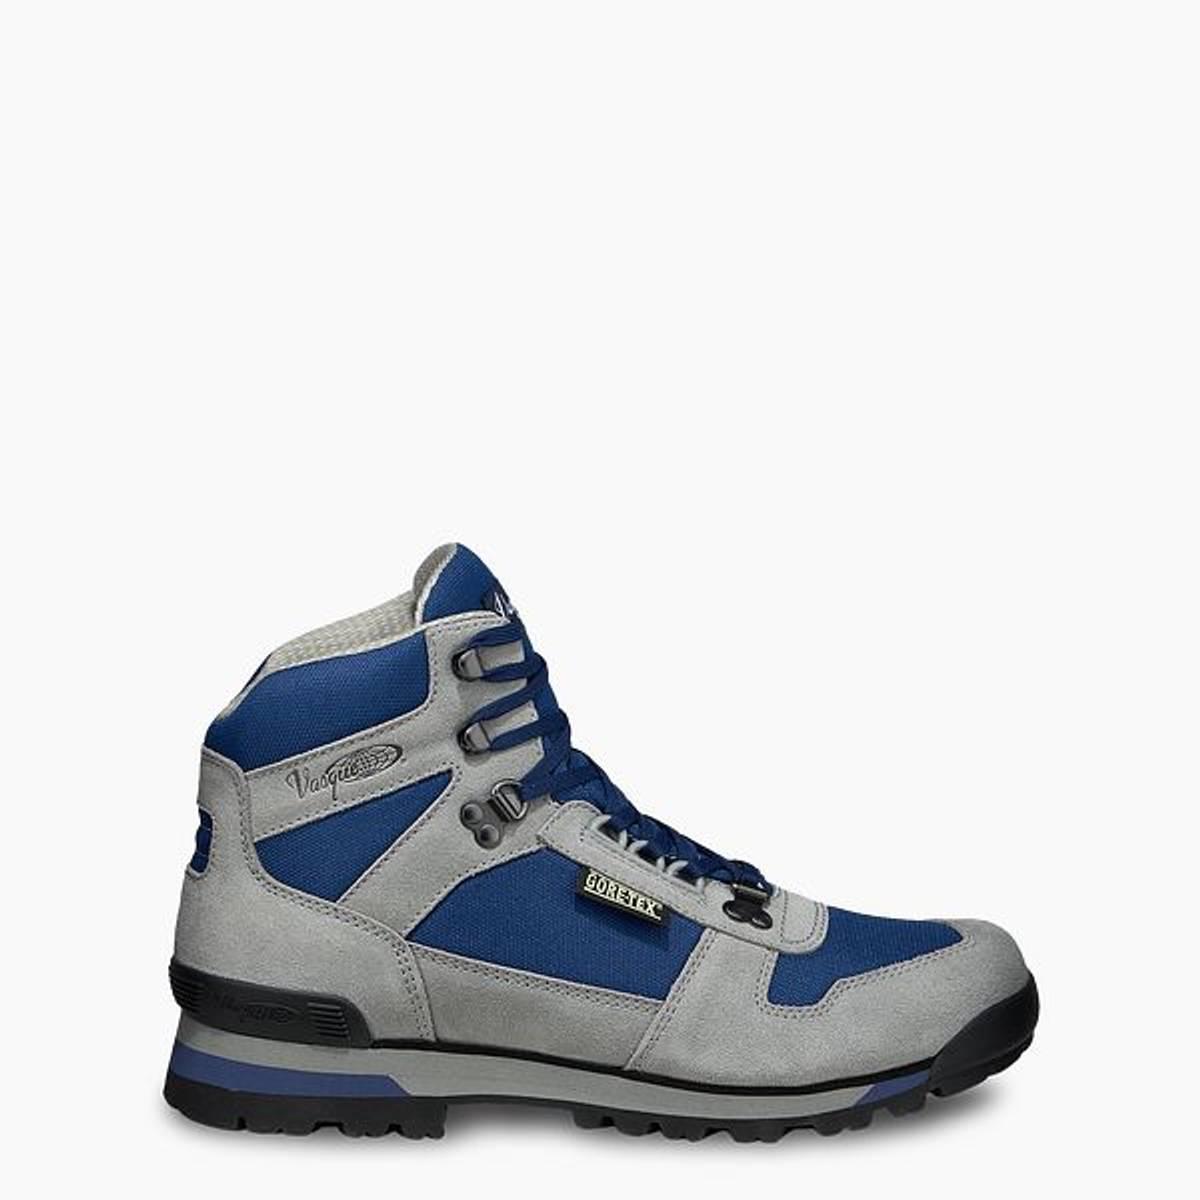 Vasque Clarion '88 GTX Gray/Blue